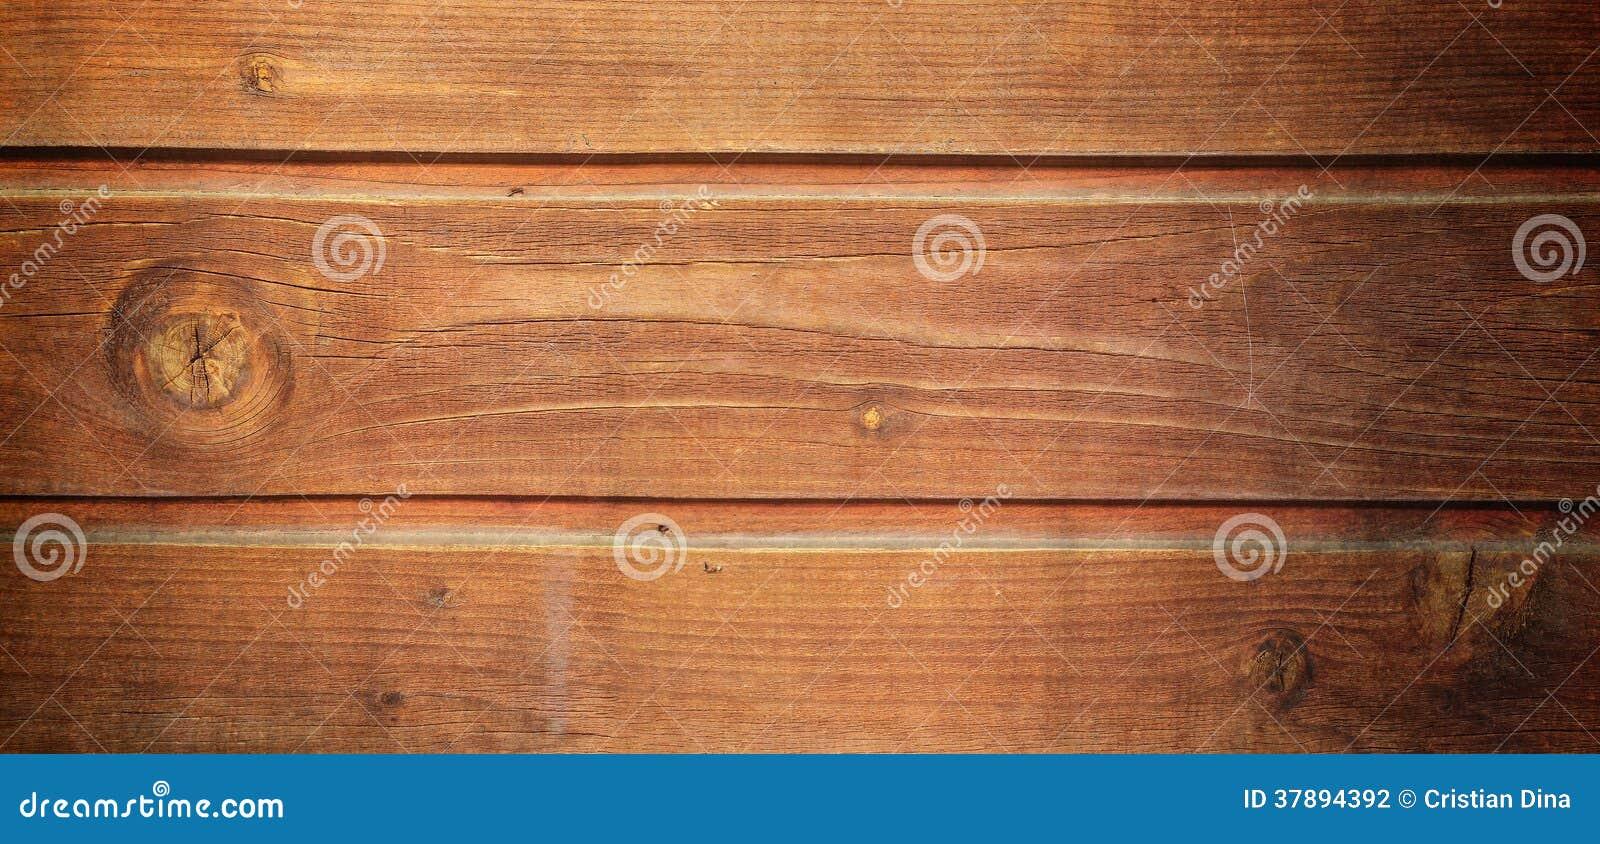 Brede grunge houten achtergrond